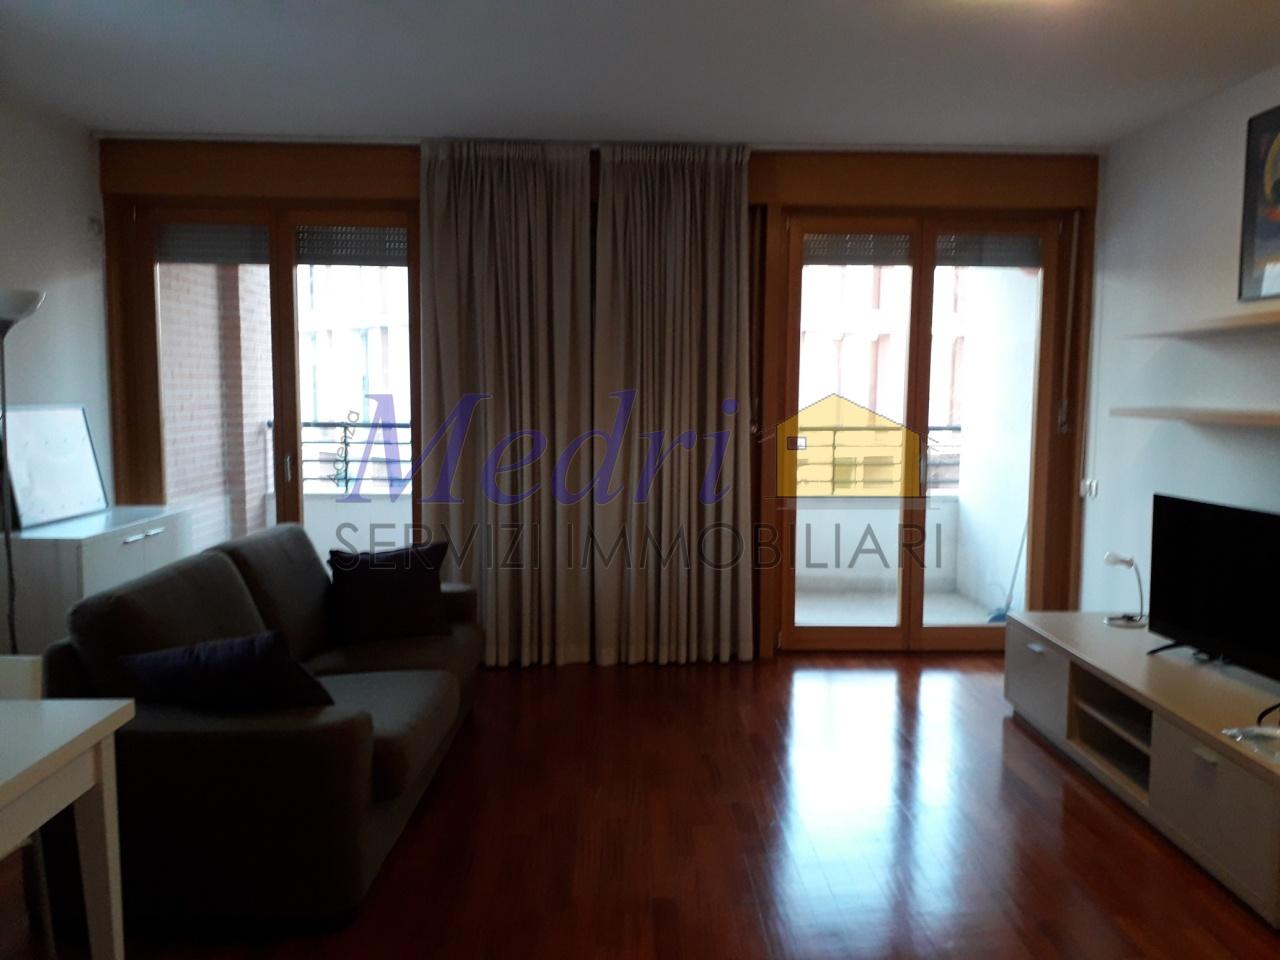 Appartamento  - Bilocale a Centrale, Cesena